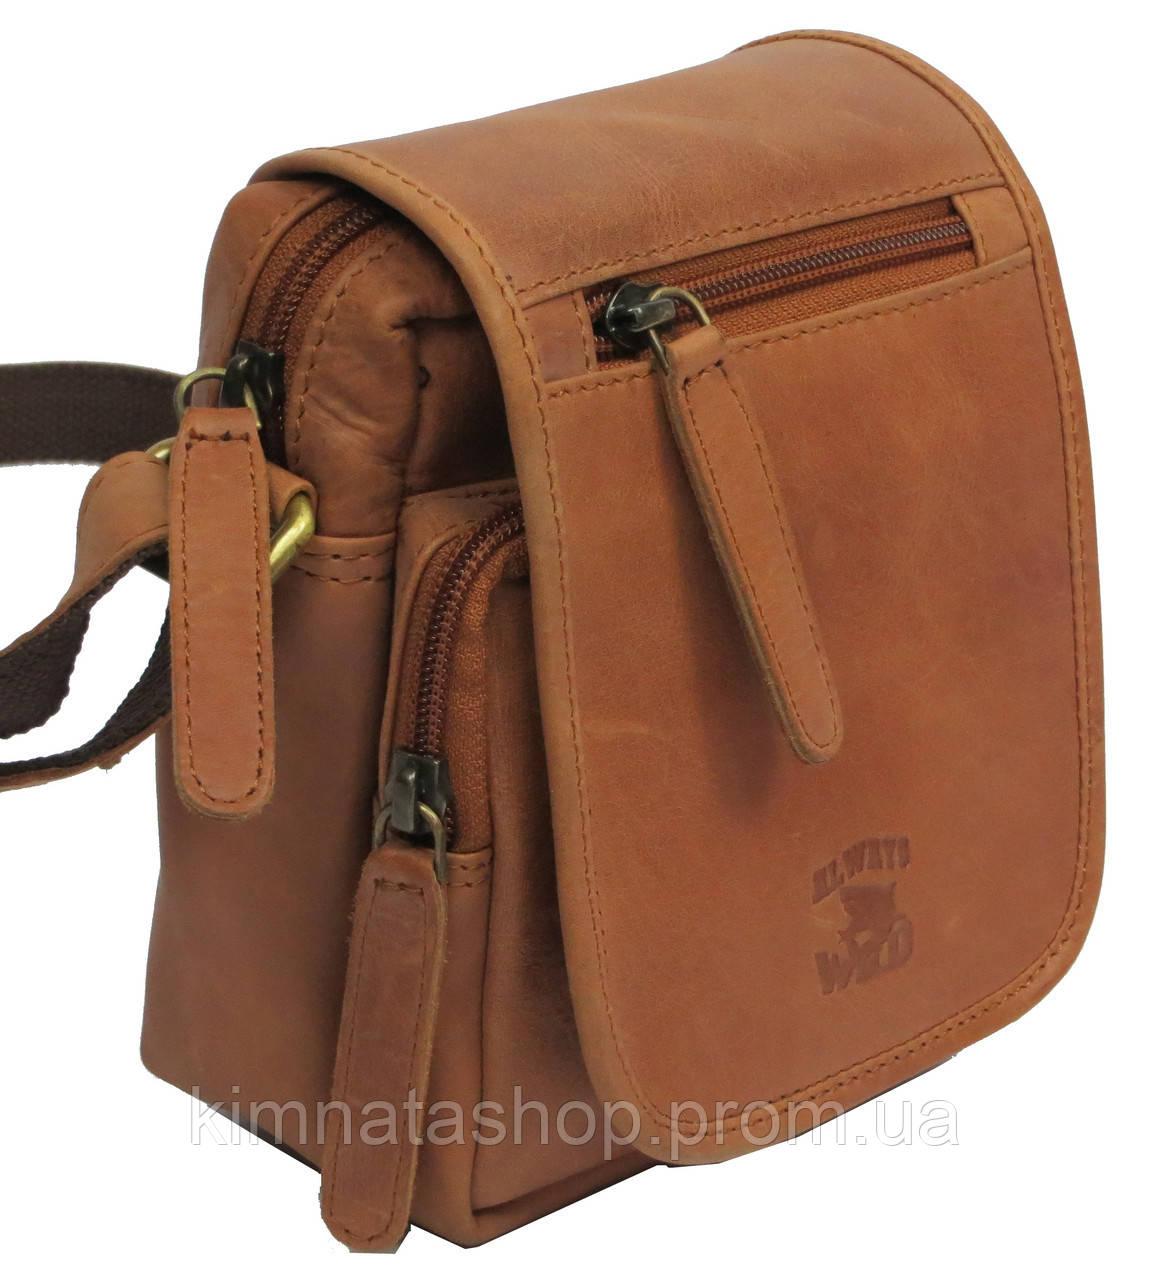 Мужская кожаная сумка Always Wild 5047-1-CBH COGNAC, коричневый 16х15х8 см.